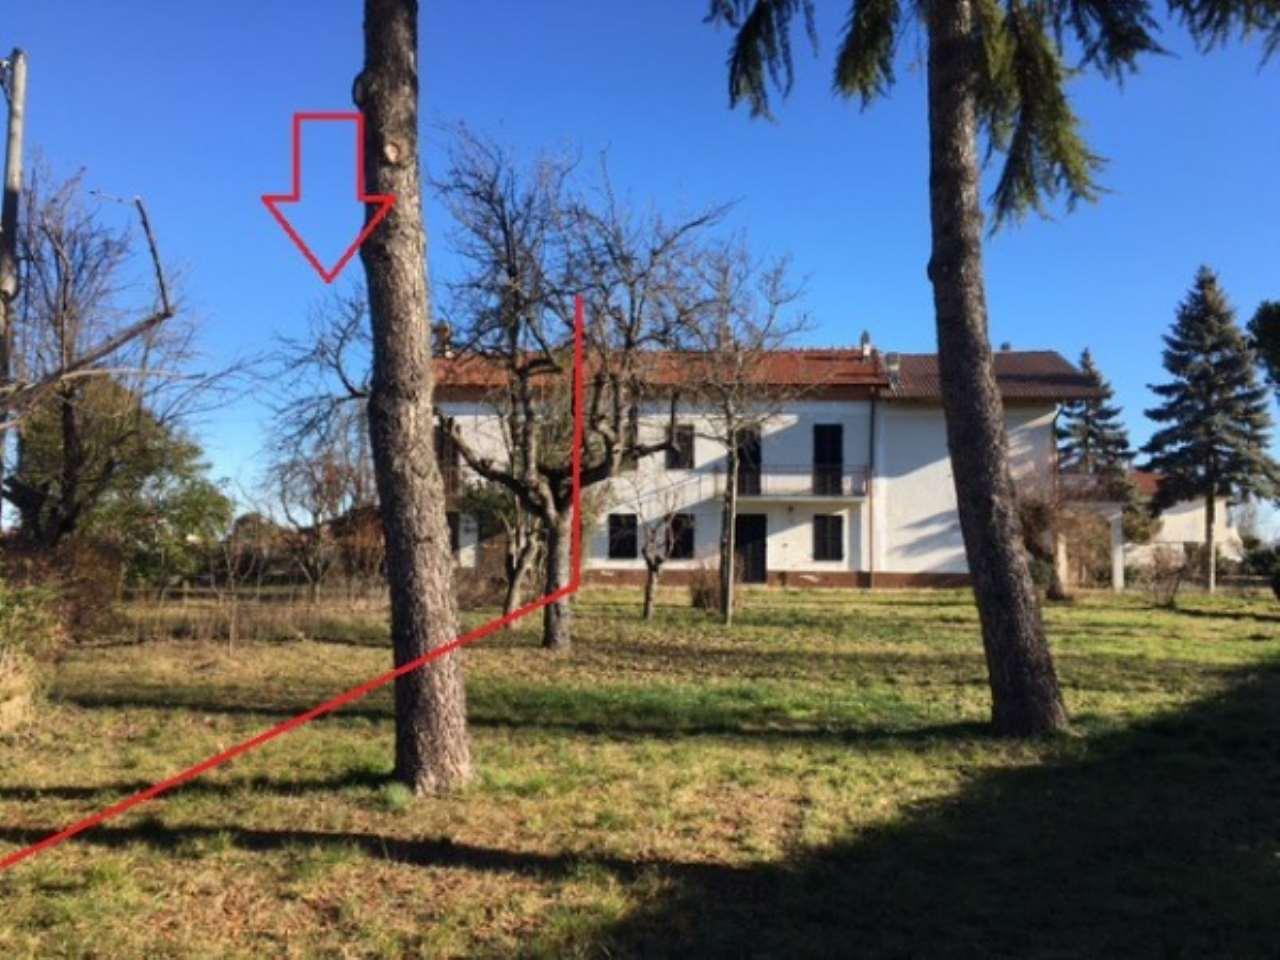 Rustico / Casale in vendita a Cassine, 6 locali, prezzo € 95.000 | Cambio Casa.it